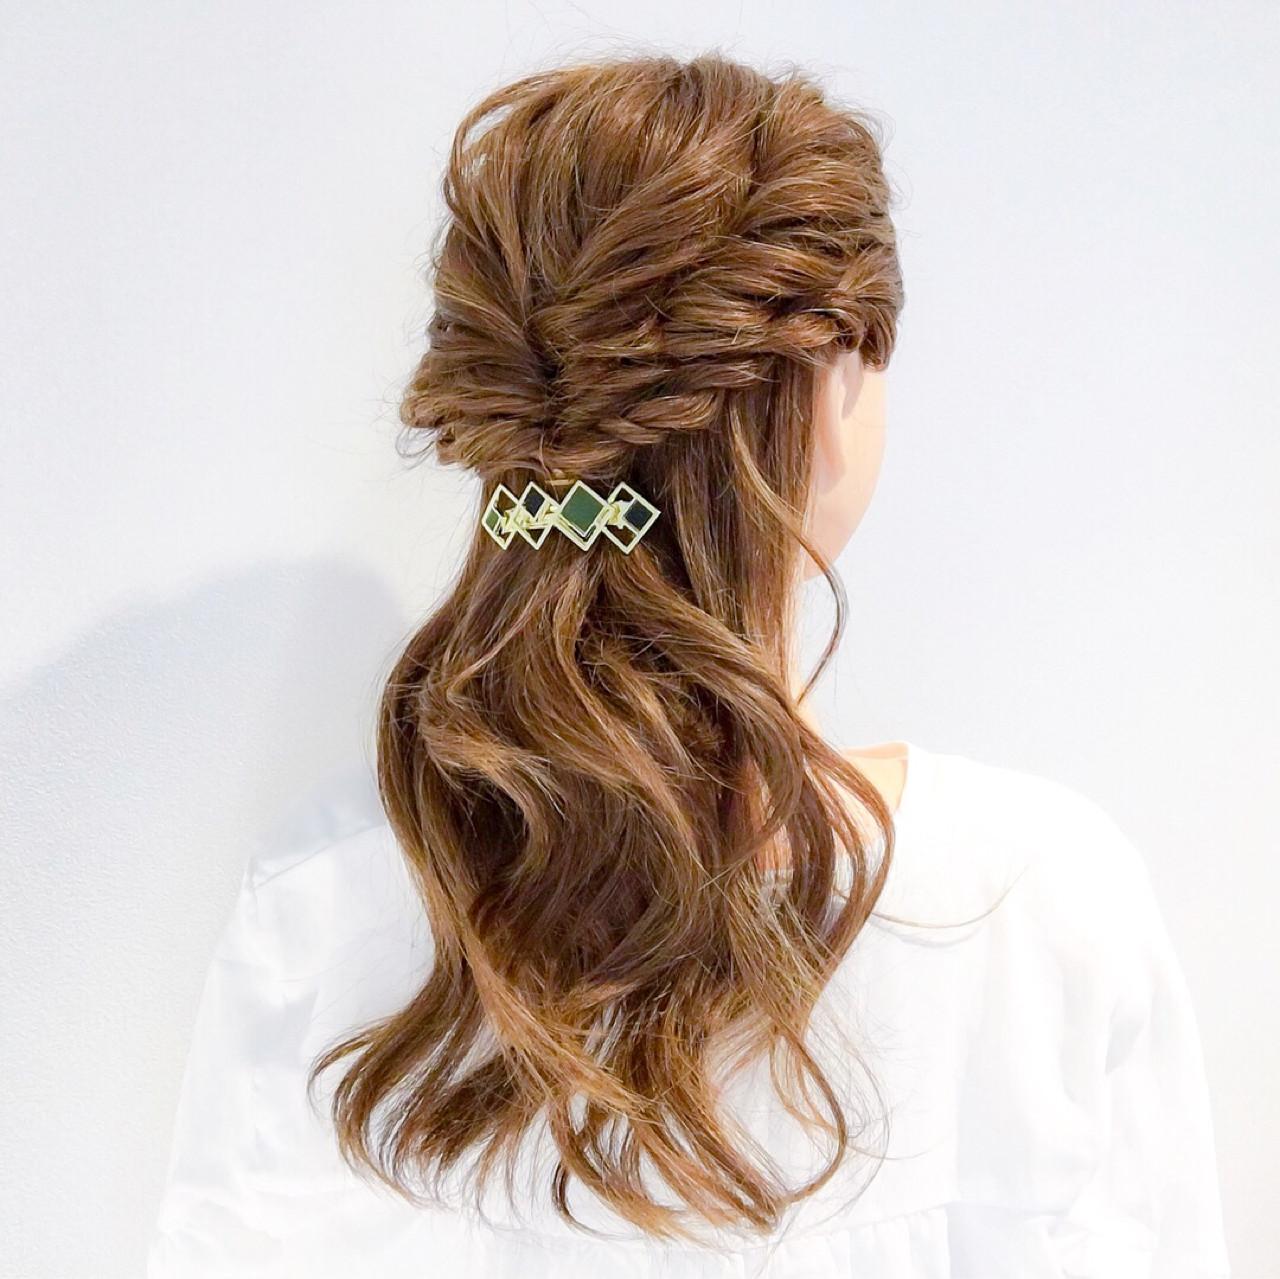 ロング 簡単ヘアアレンジ ヘアアレンジ ショート ヘアスタイルや髪型の写真・画像